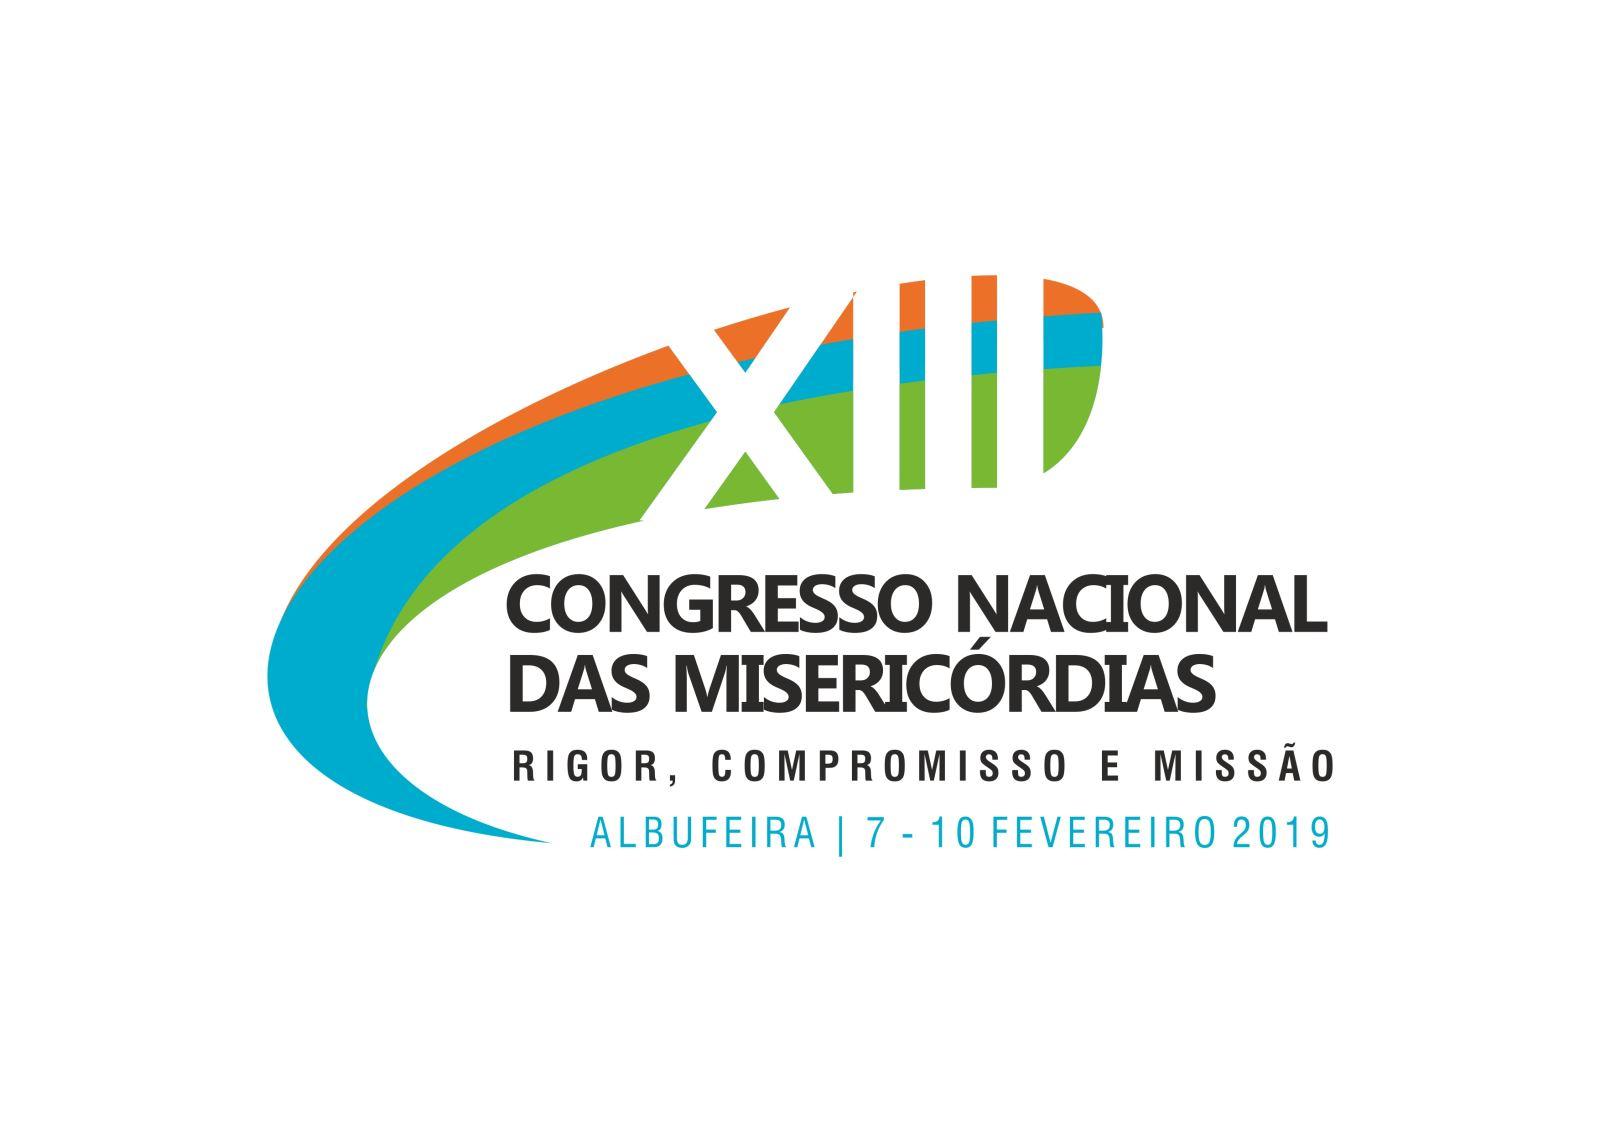 UMP | Abertas as inscrições para o XIII Congresso Nacional das Misericórdias